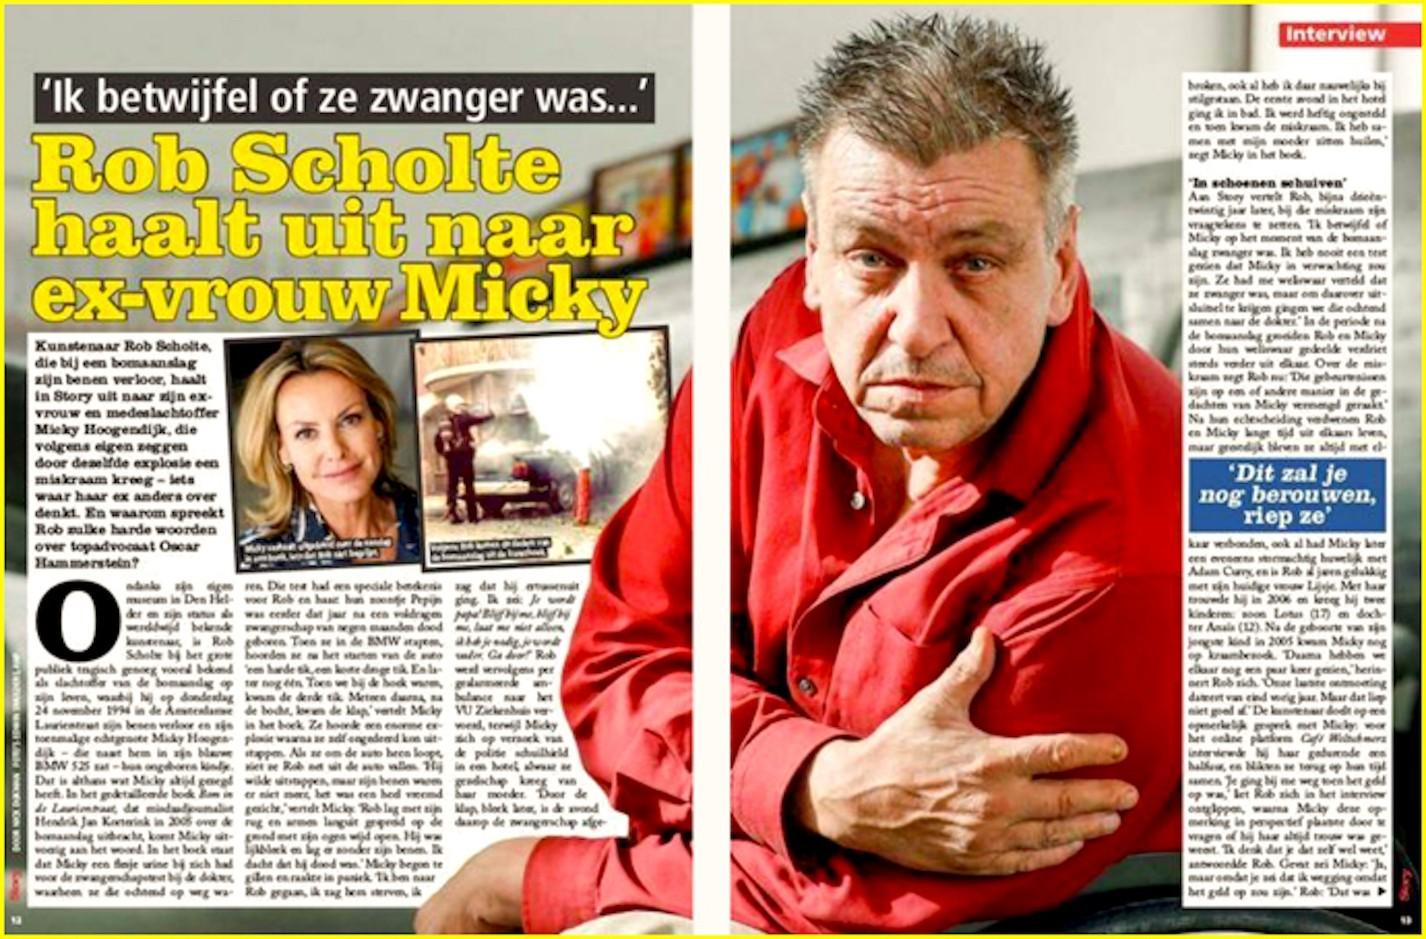 Rob Scholte in de Story (foto Misdaadjournalist)